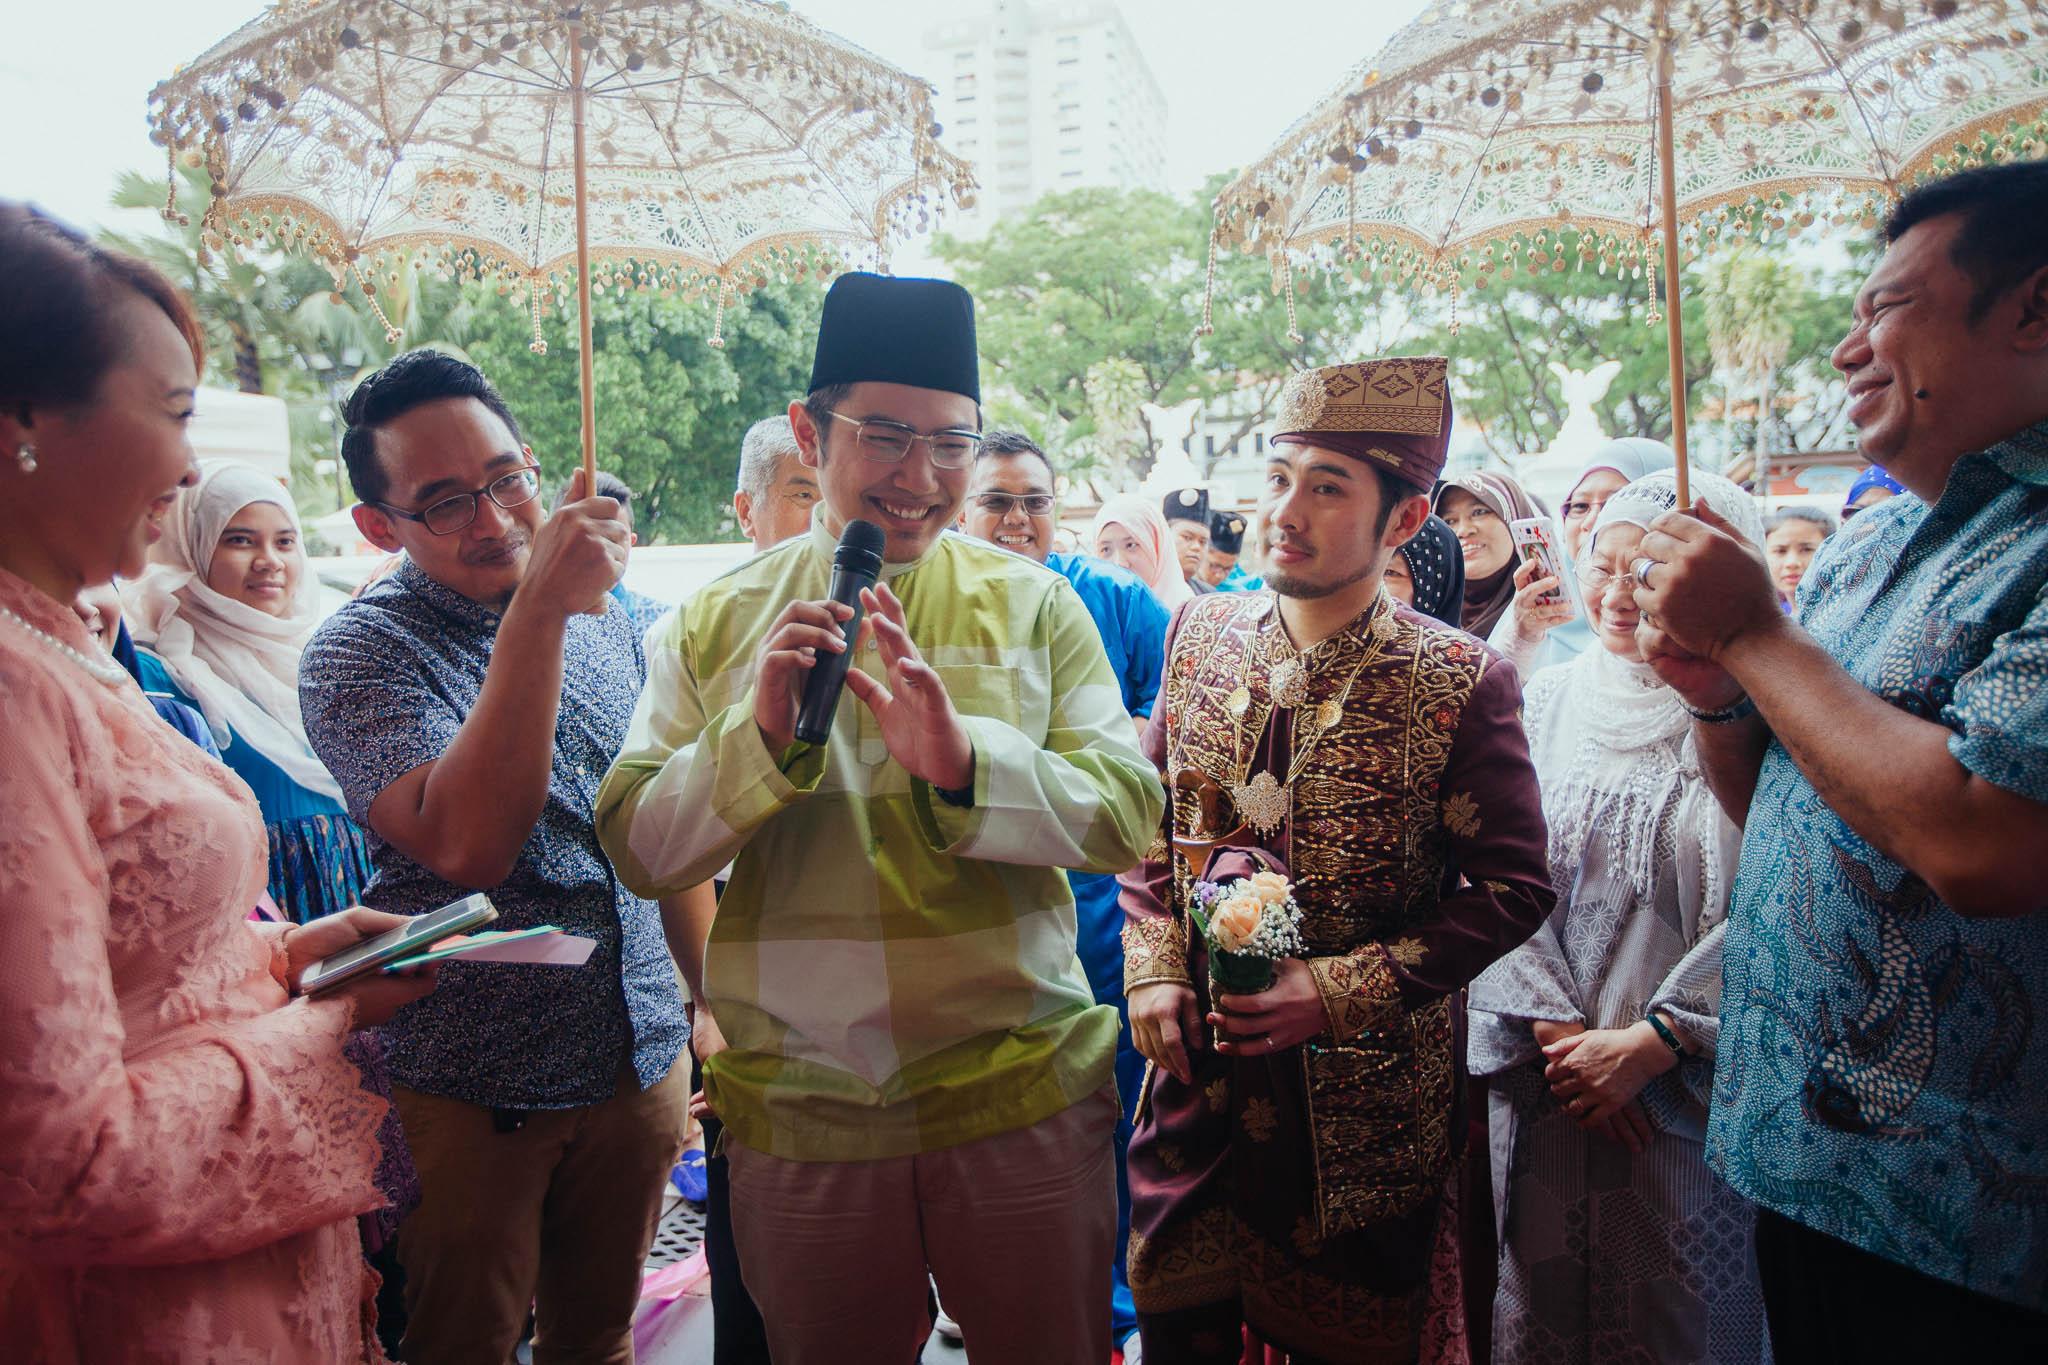 singapore-wedding-photographer-travel-wemadethese-atara-hafizah-47.jpg